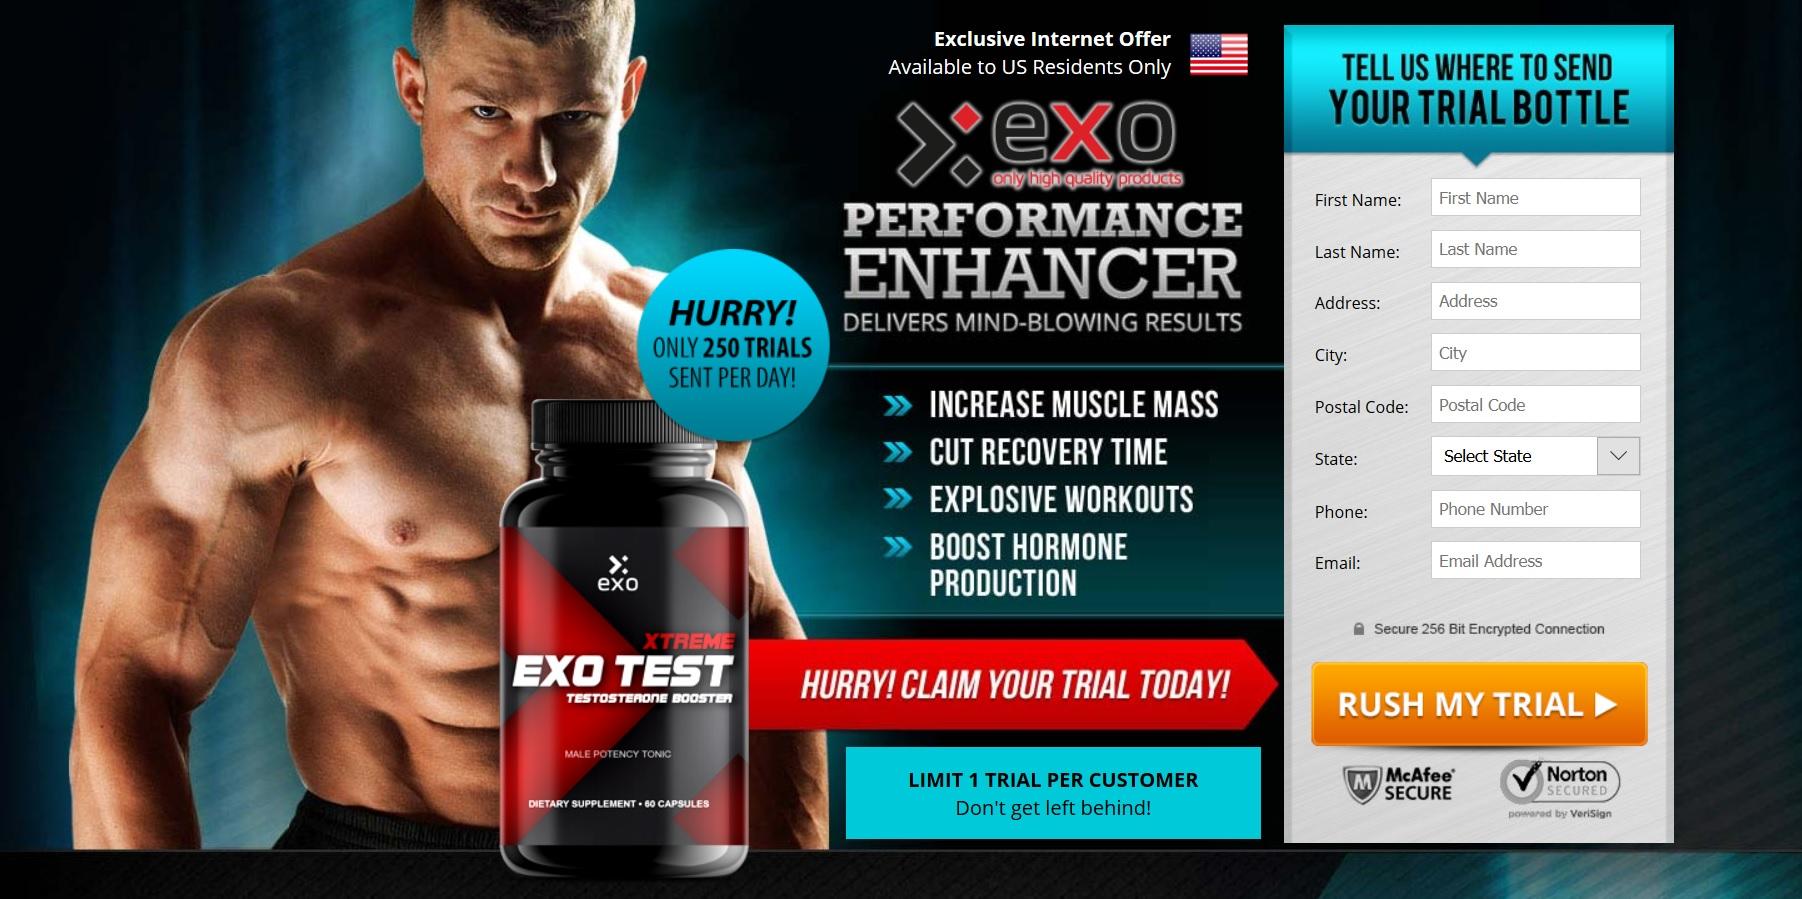 Xtreme Exo Test-2